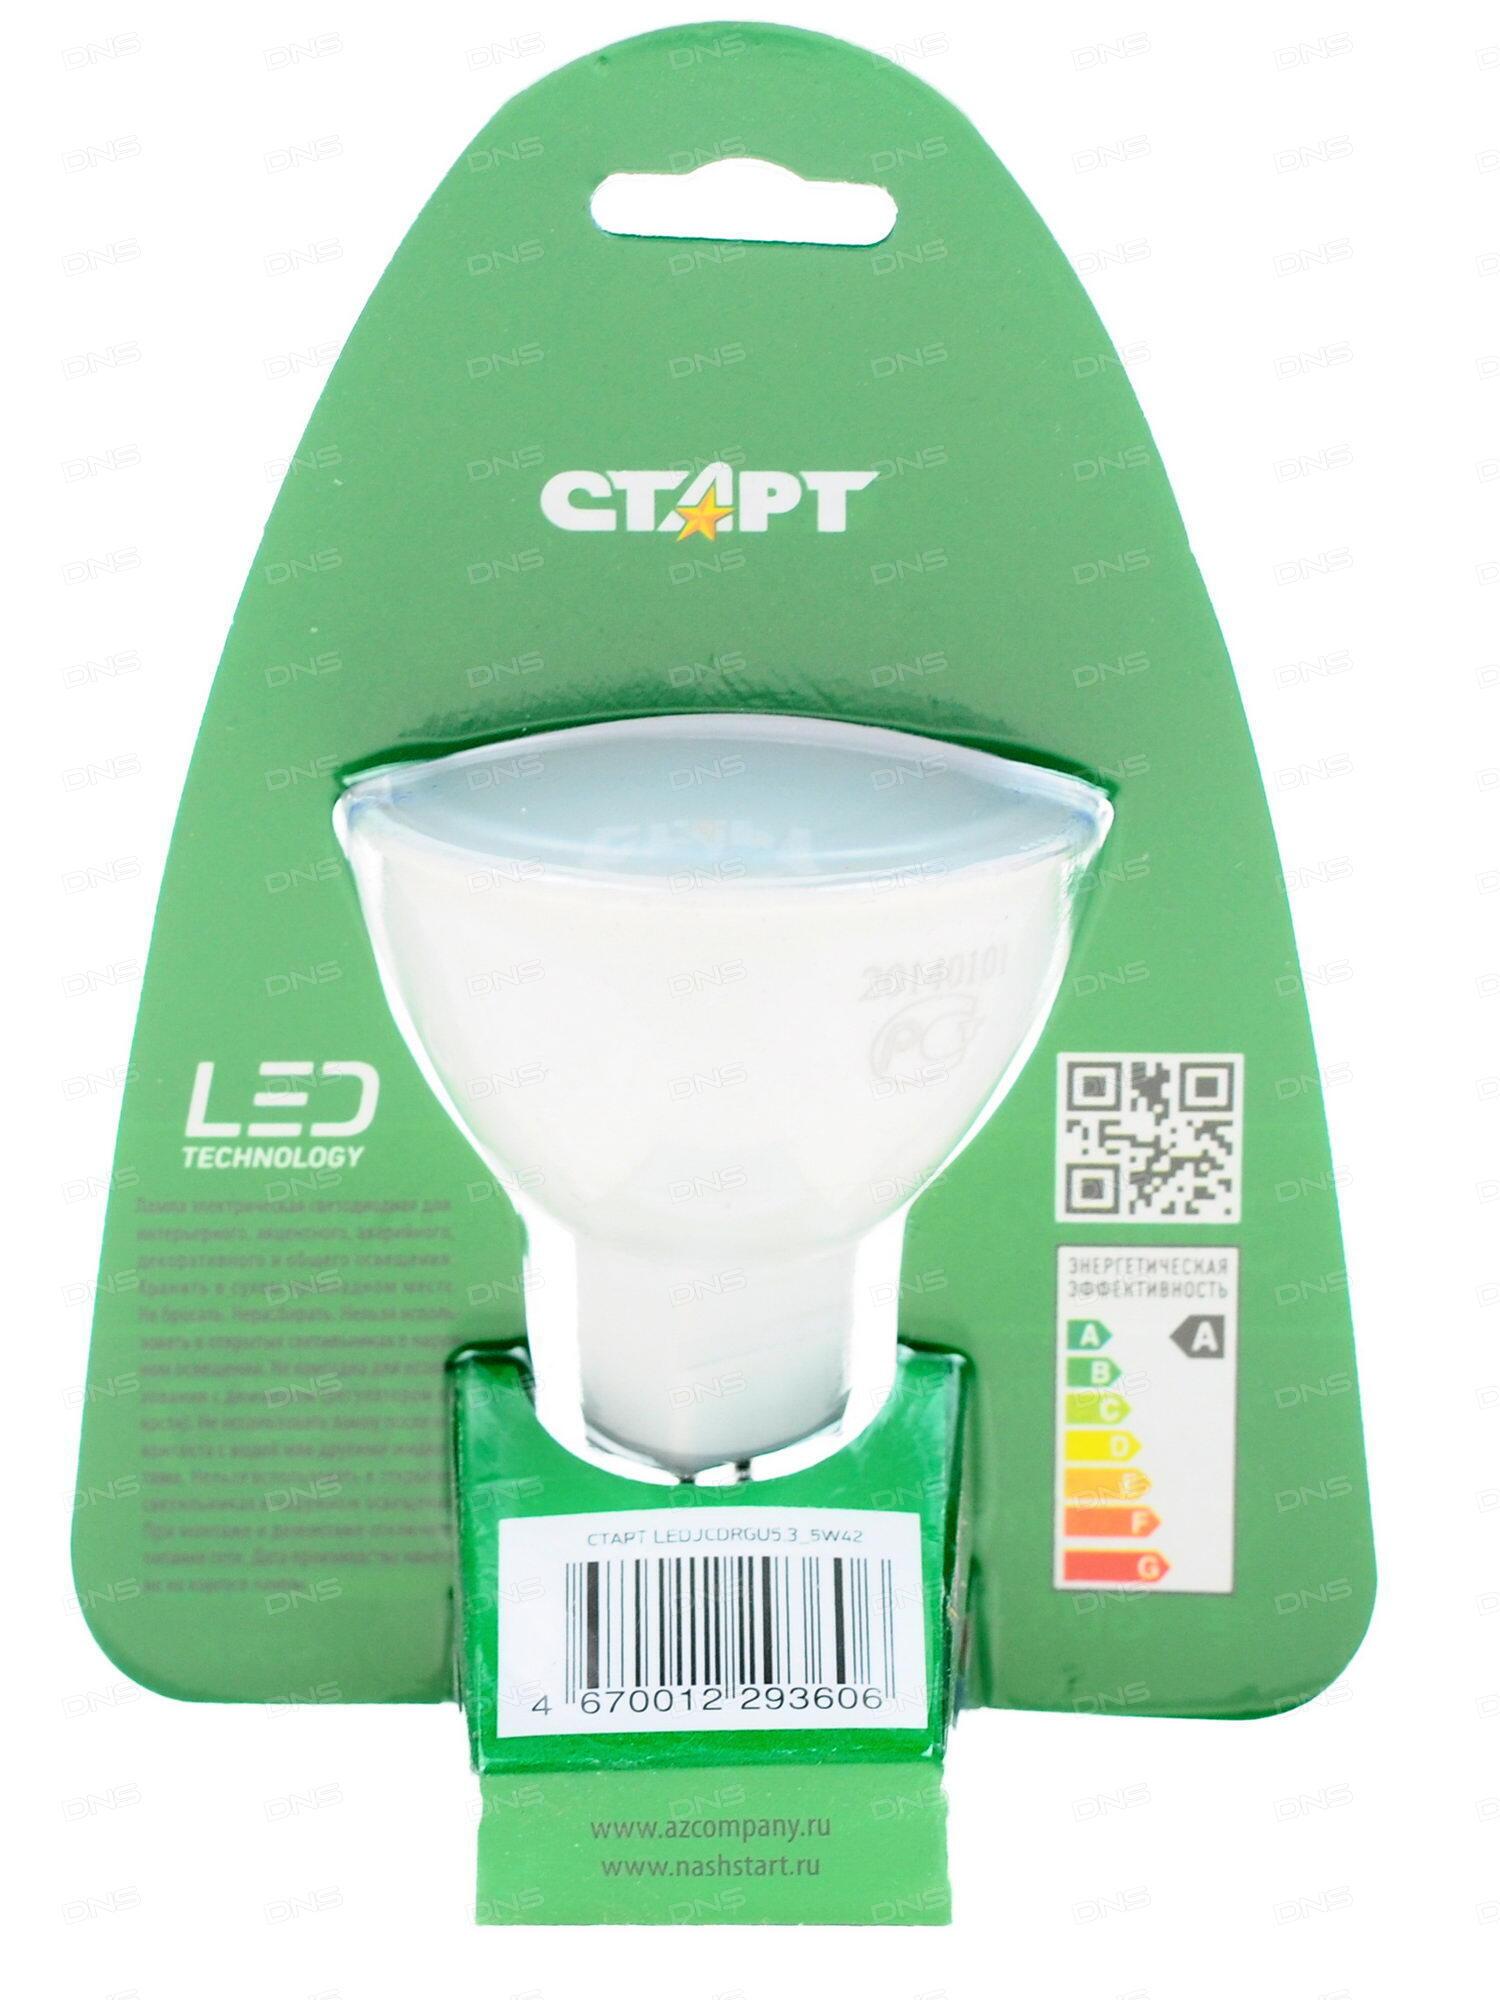 Светодиодная лампа старт схема фото 29